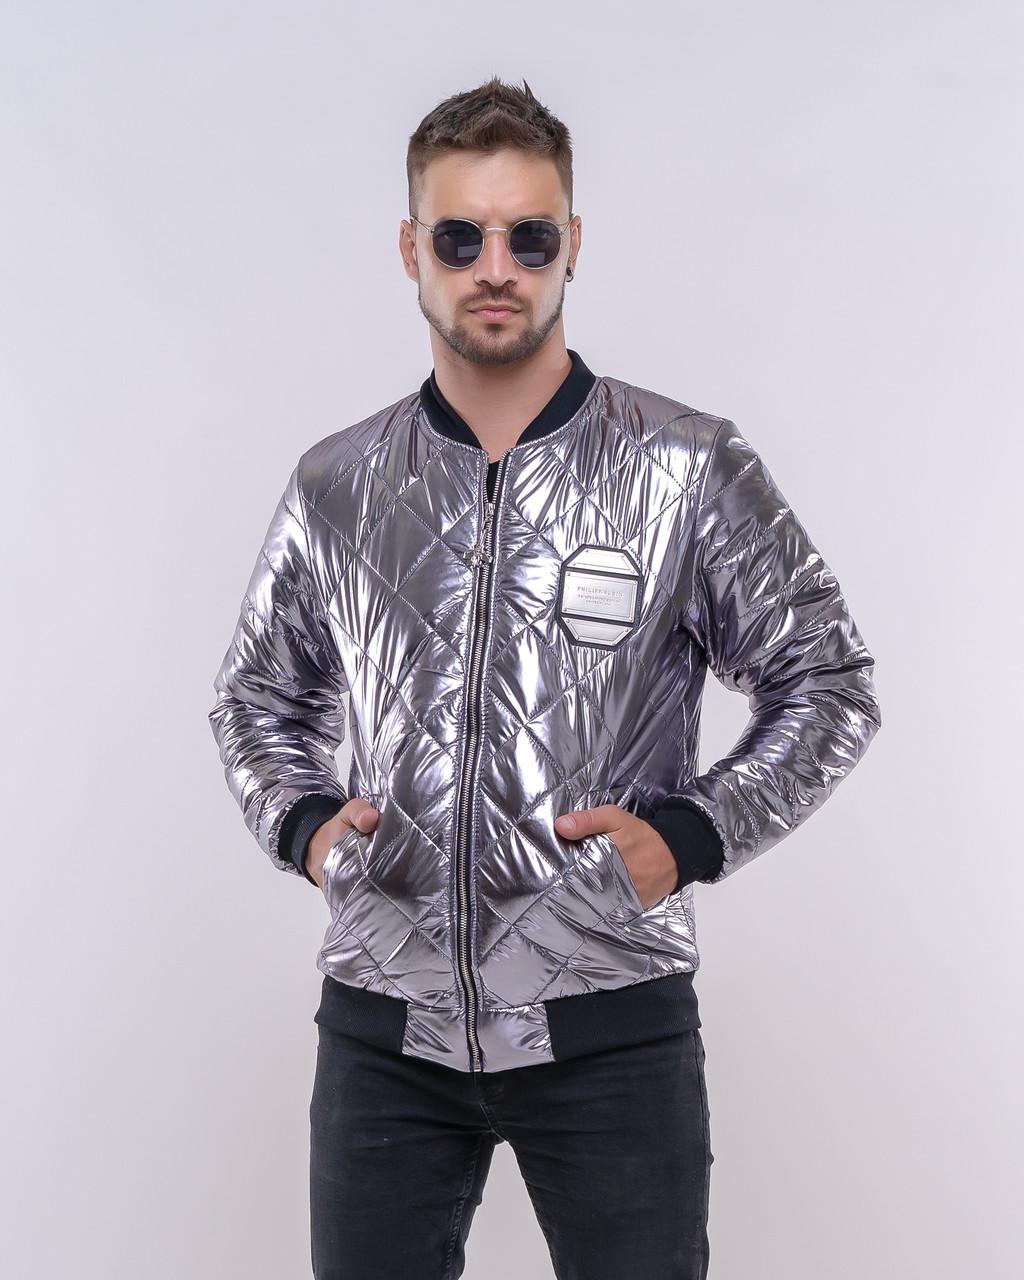 Молодіжна чоловіча куртка-бомбер сріблястий металік, стегана в ромбик